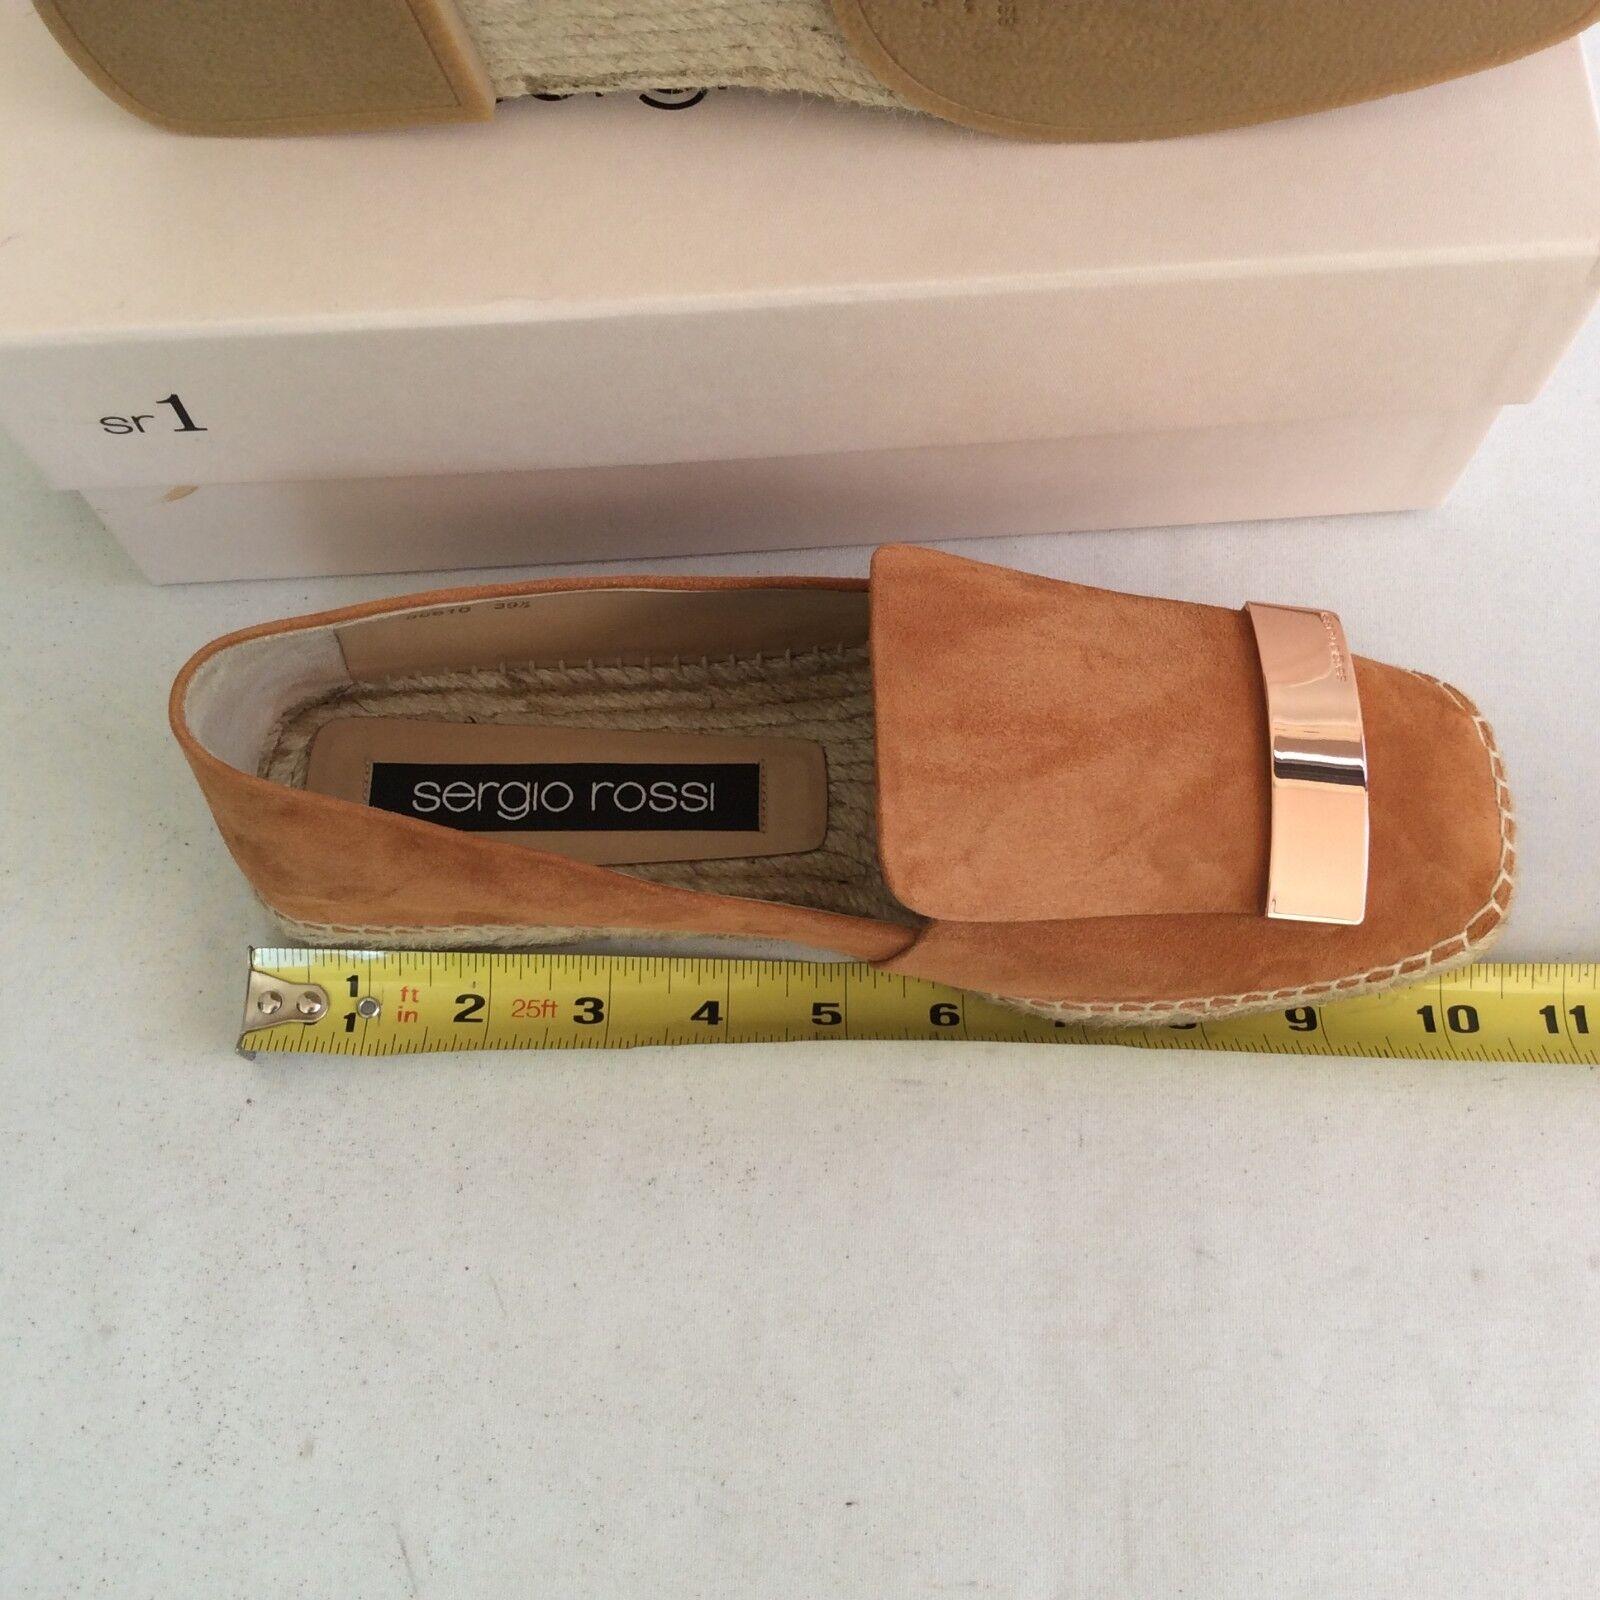 NIB Sergio Rossi Sr1  Suede Loafer Espadrille Cuir Flat Moccasin 39.5 Royal Cuir Espadrille $495 c92f53